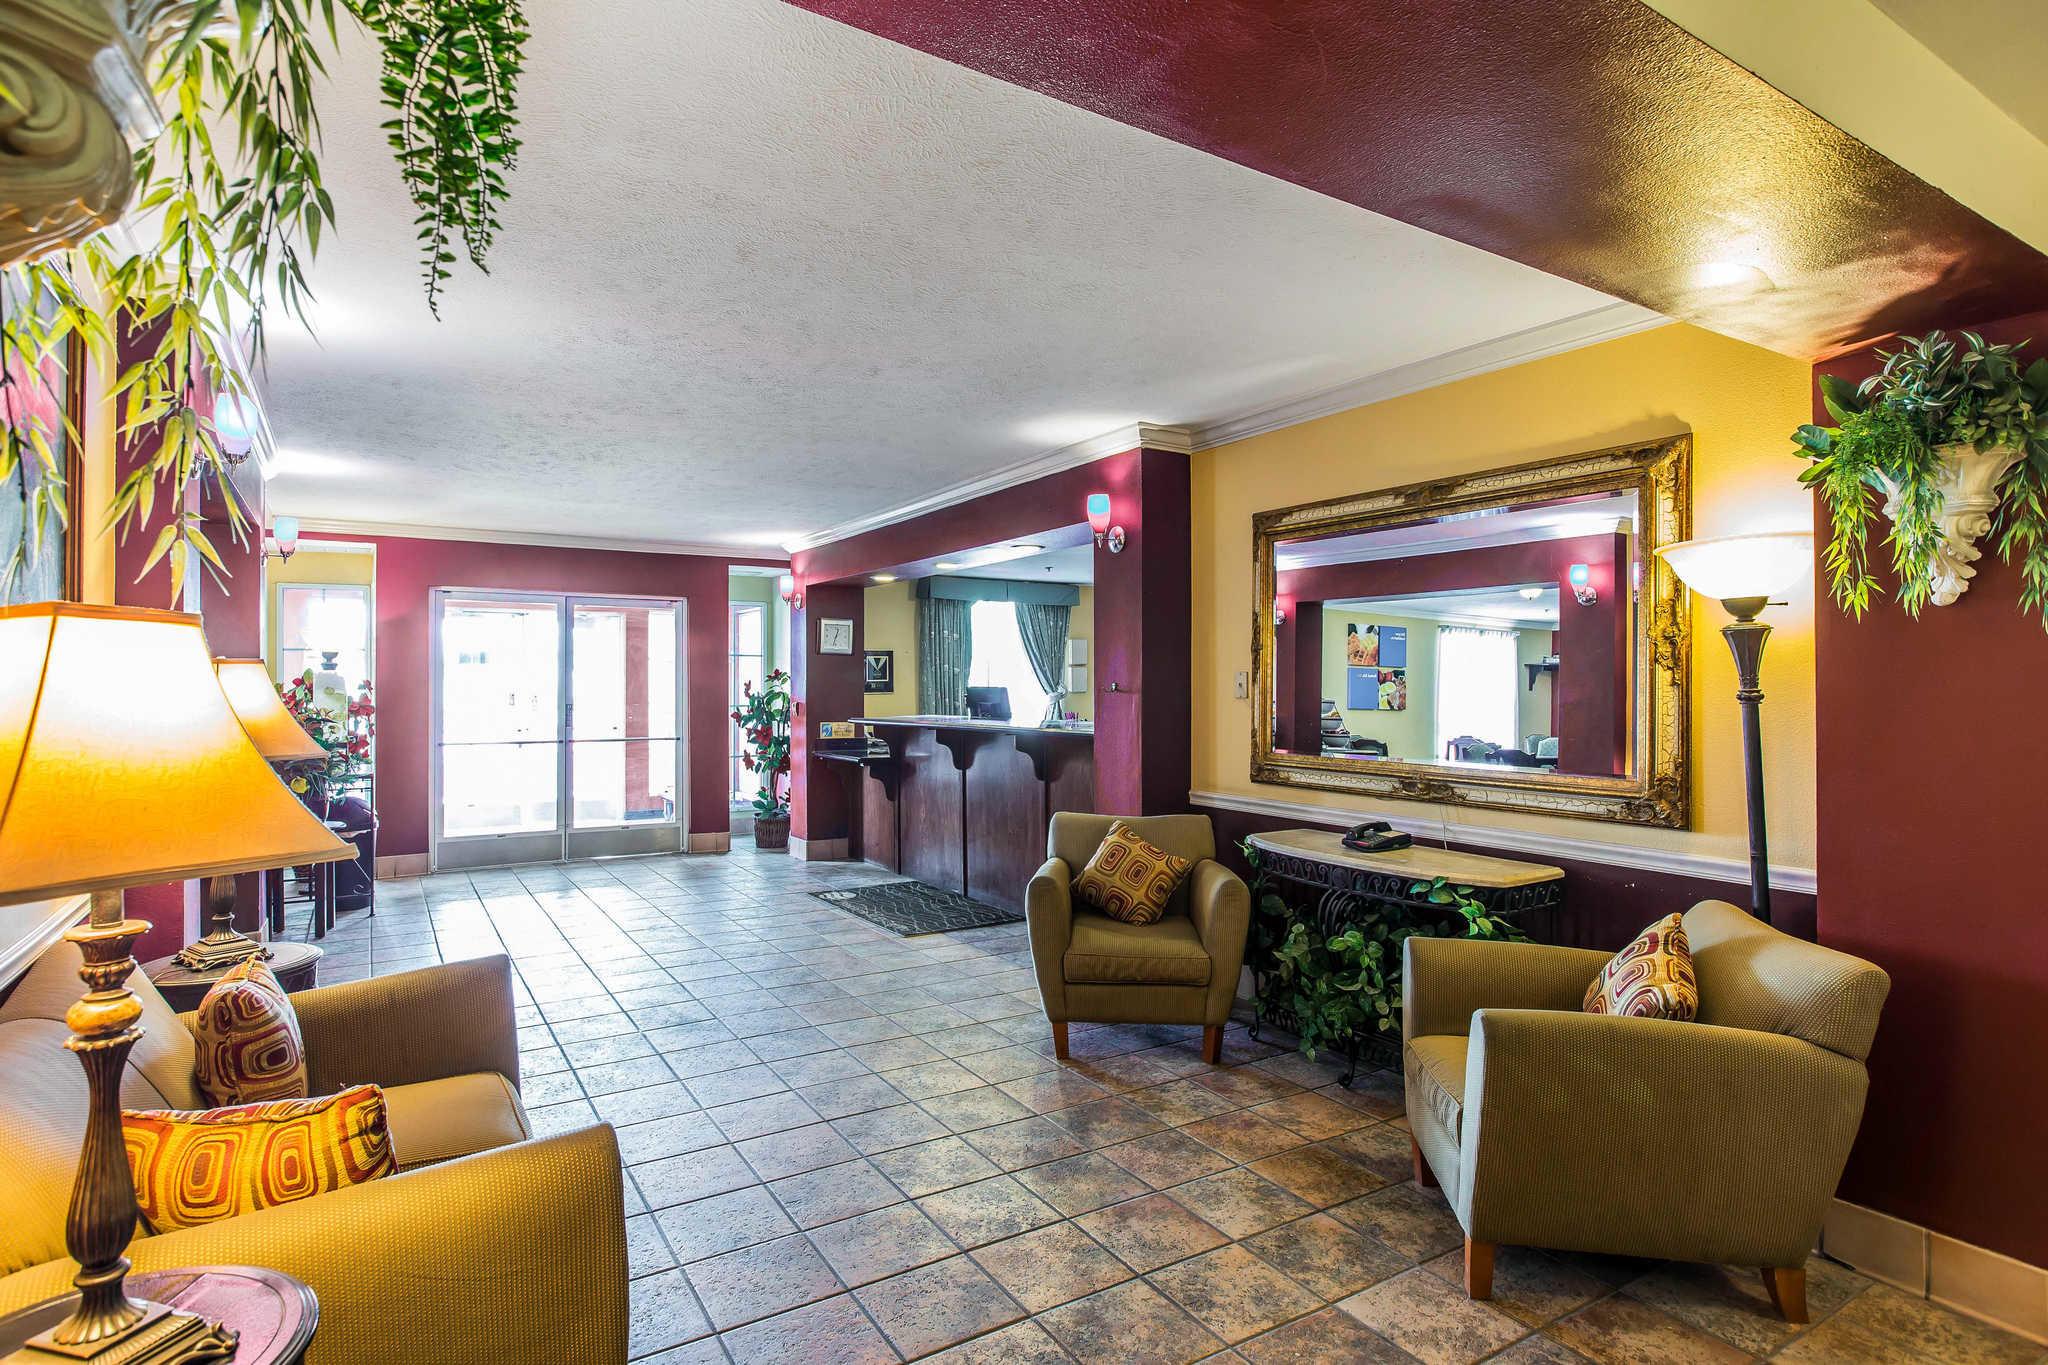 Comfort Inn & Suites El Centro I-8 image 5